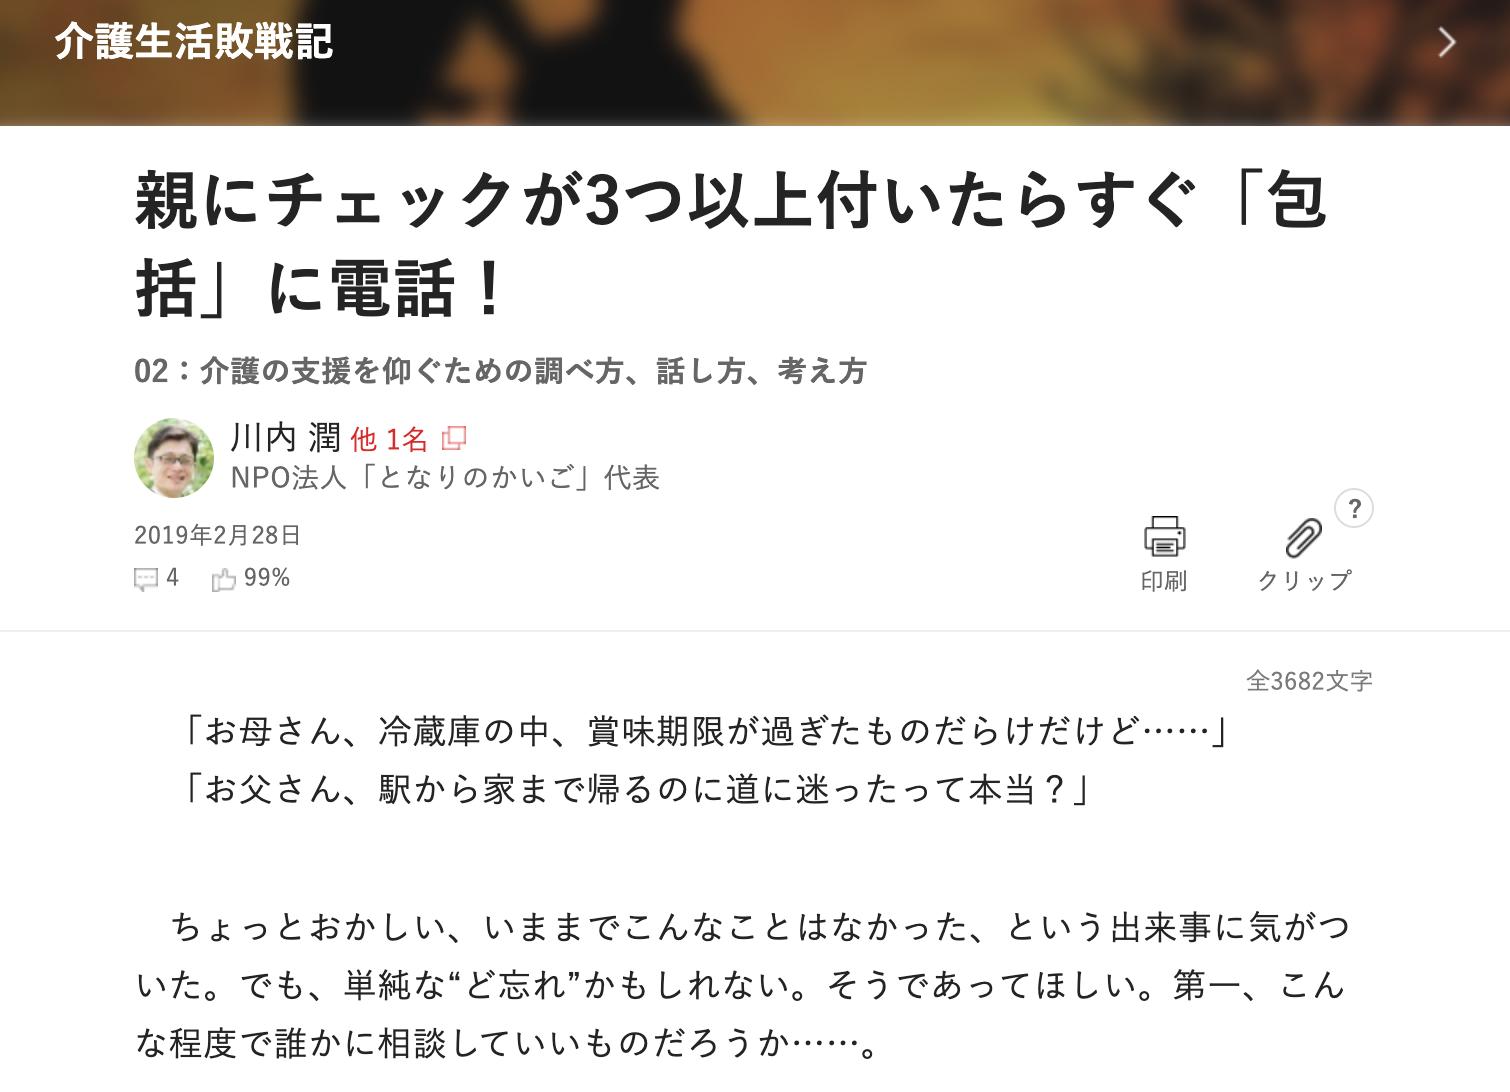 日経ビジネス電子版『親にチェックが3つ以上付いたらすぐ「包括」に電話!』